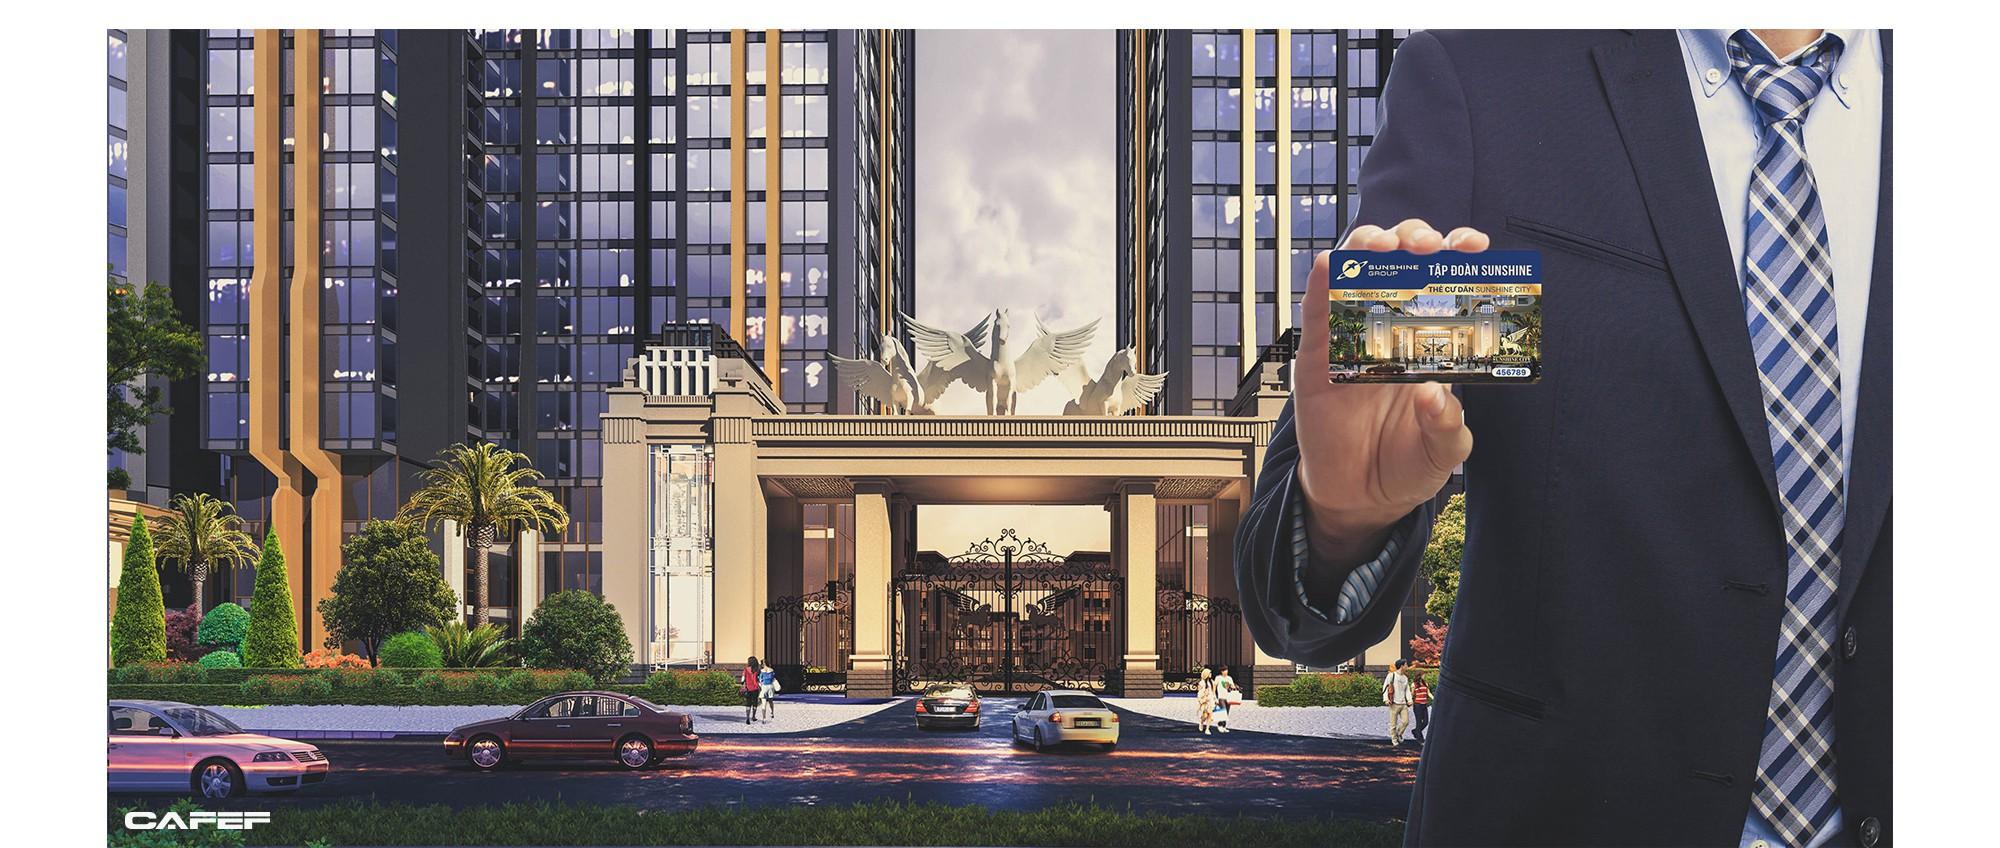 Chủ tịch Sunshine Group Đỗ Anh Tuấn: Công nghệ sẽ đưa bất động sản lên tầm cao mới - Ảnh 12.